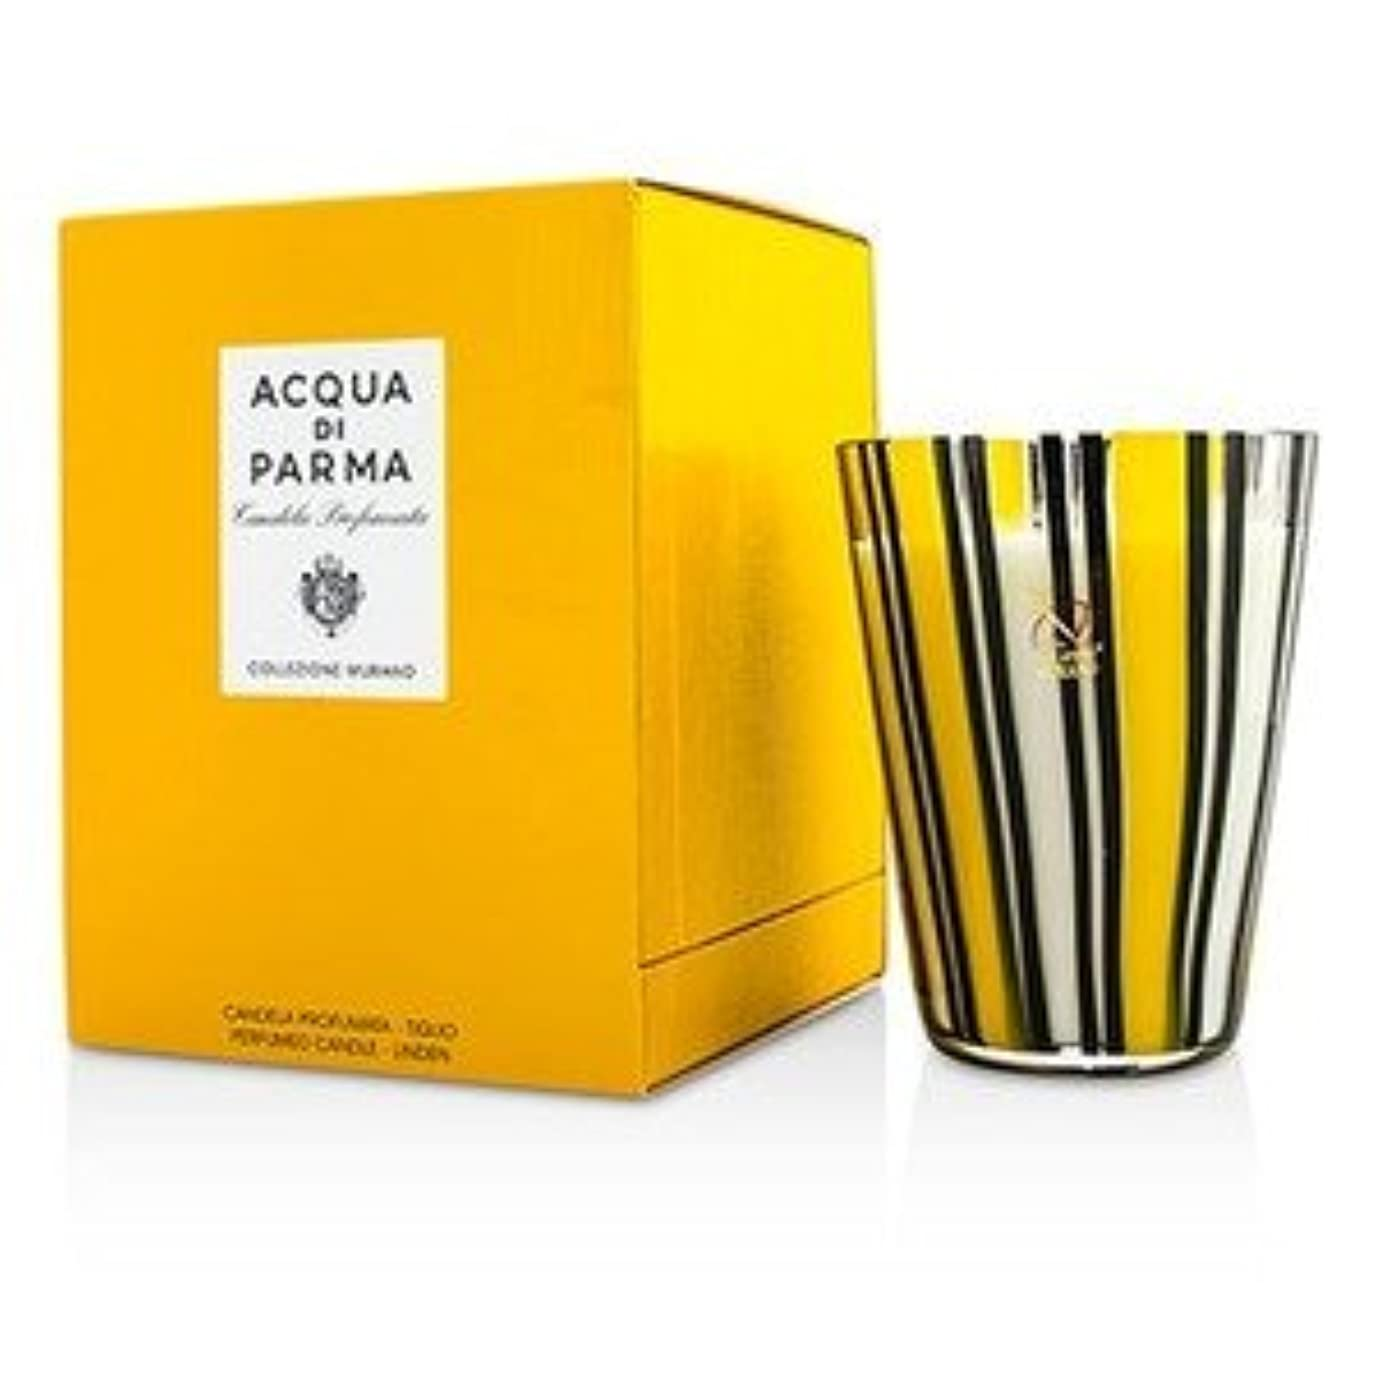 換気する古代オズワルドアクア ディ パルマ[Acqua Di Parma] ムラノ グラス パフューム キャンドル - Tiglio(Linen) 200g/7.05oz [並行輸入品]